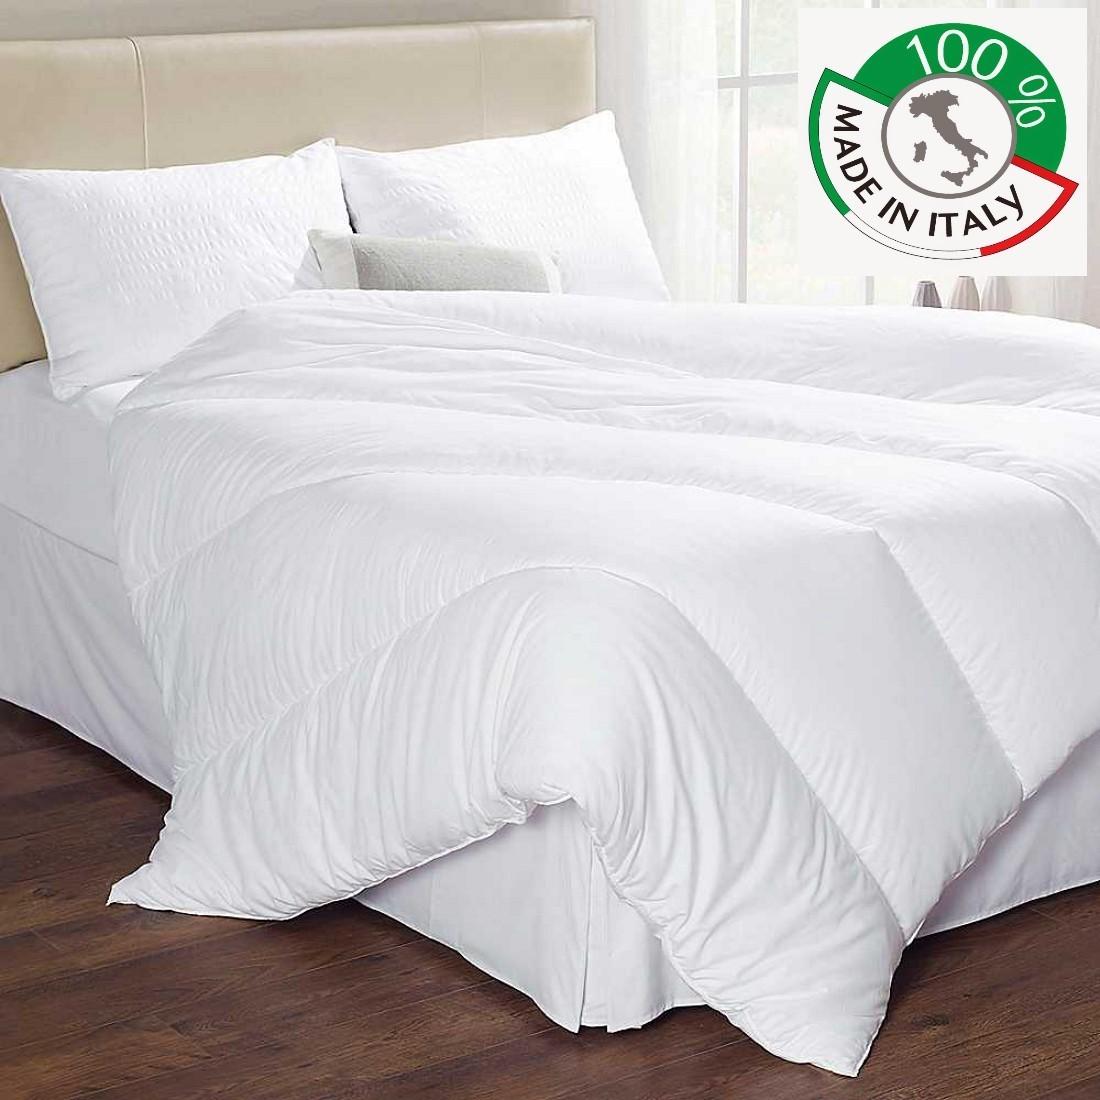 Piumino Bianco Estivo Made In Italy 1 Piazza E Mezza Anallergico Micro